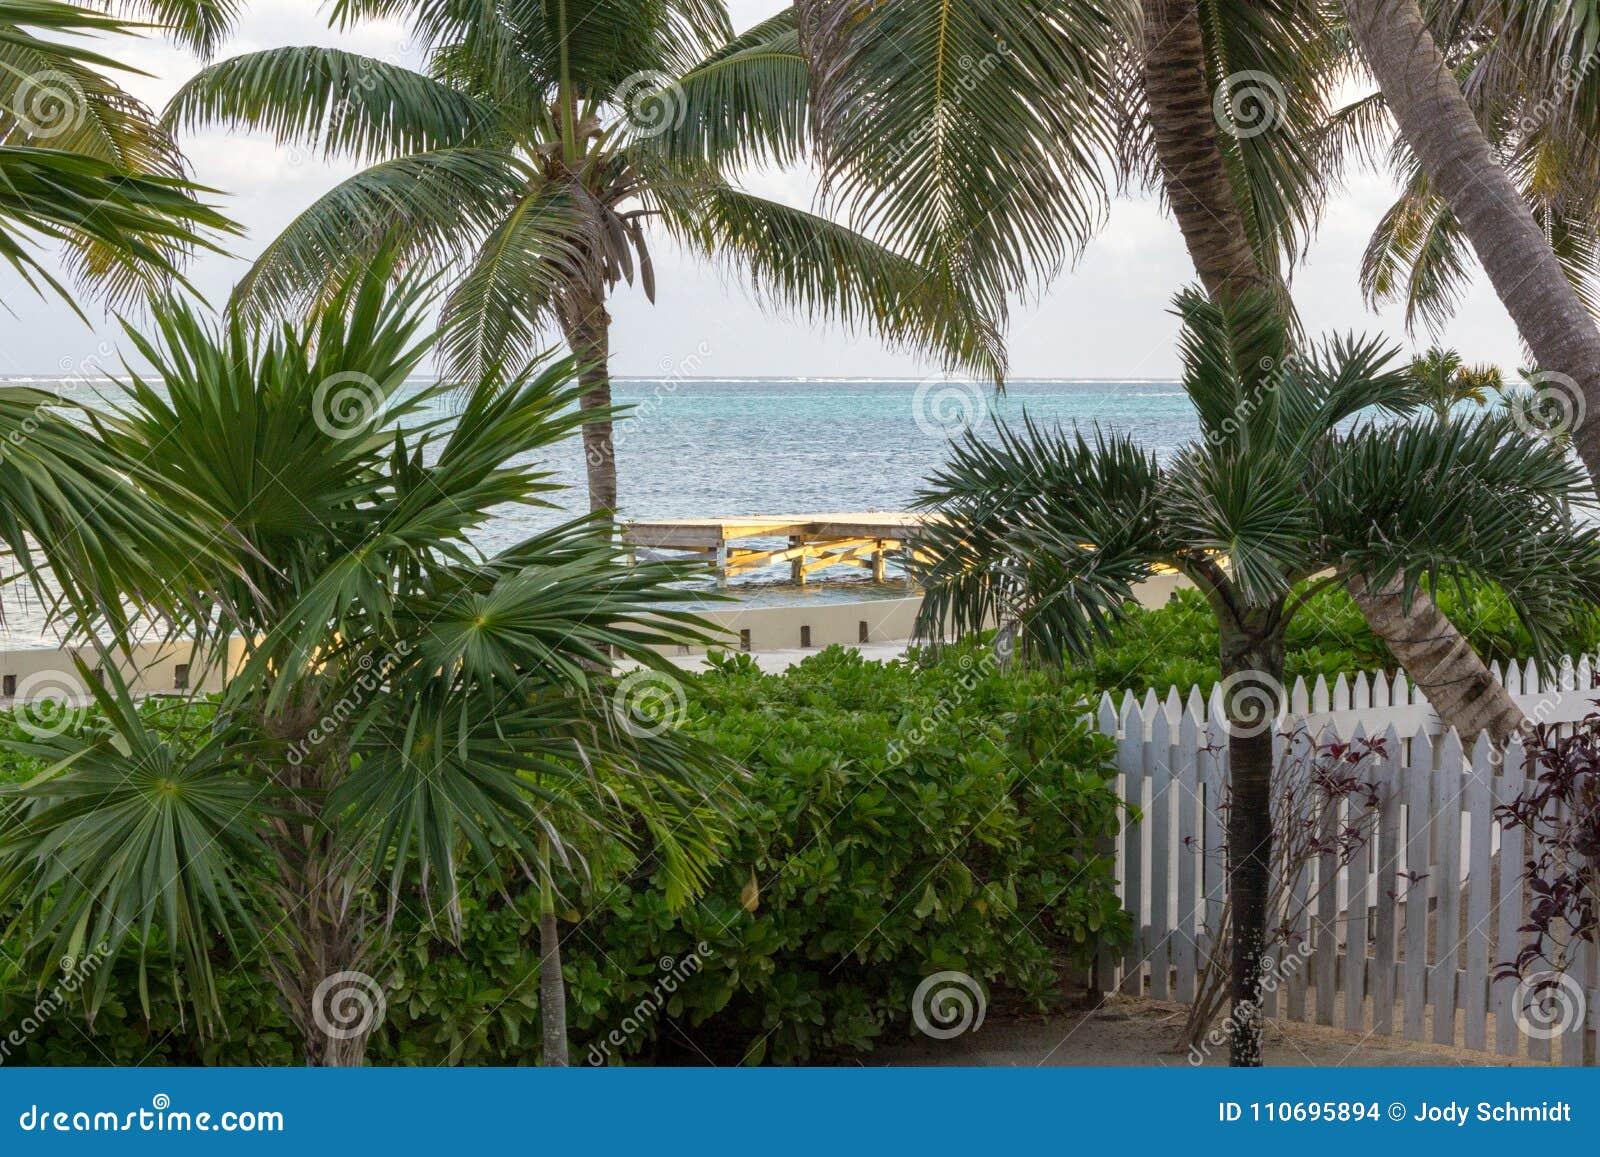 De recente dagzon giet een warme gloed over een dok in de afstand door de palmen